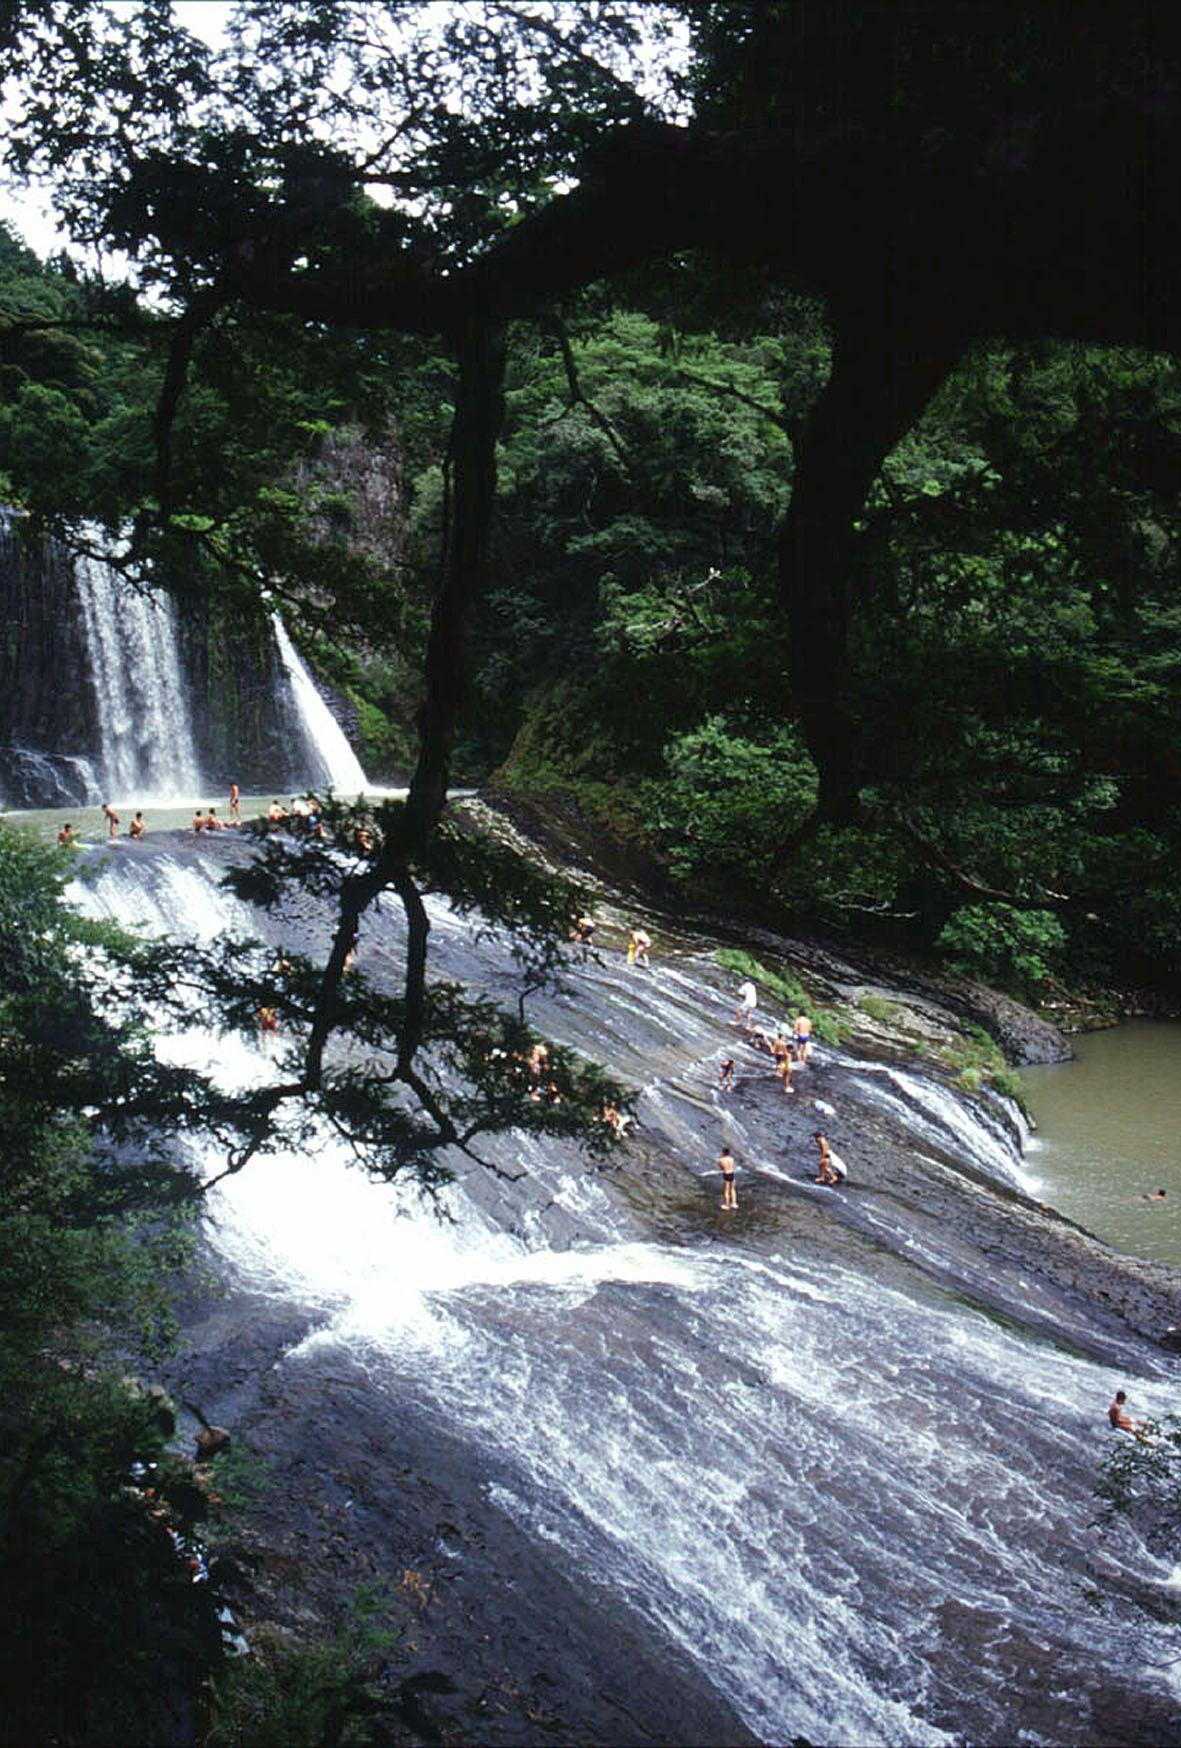 眺め良し!滑って尚良し!の龍門の滝